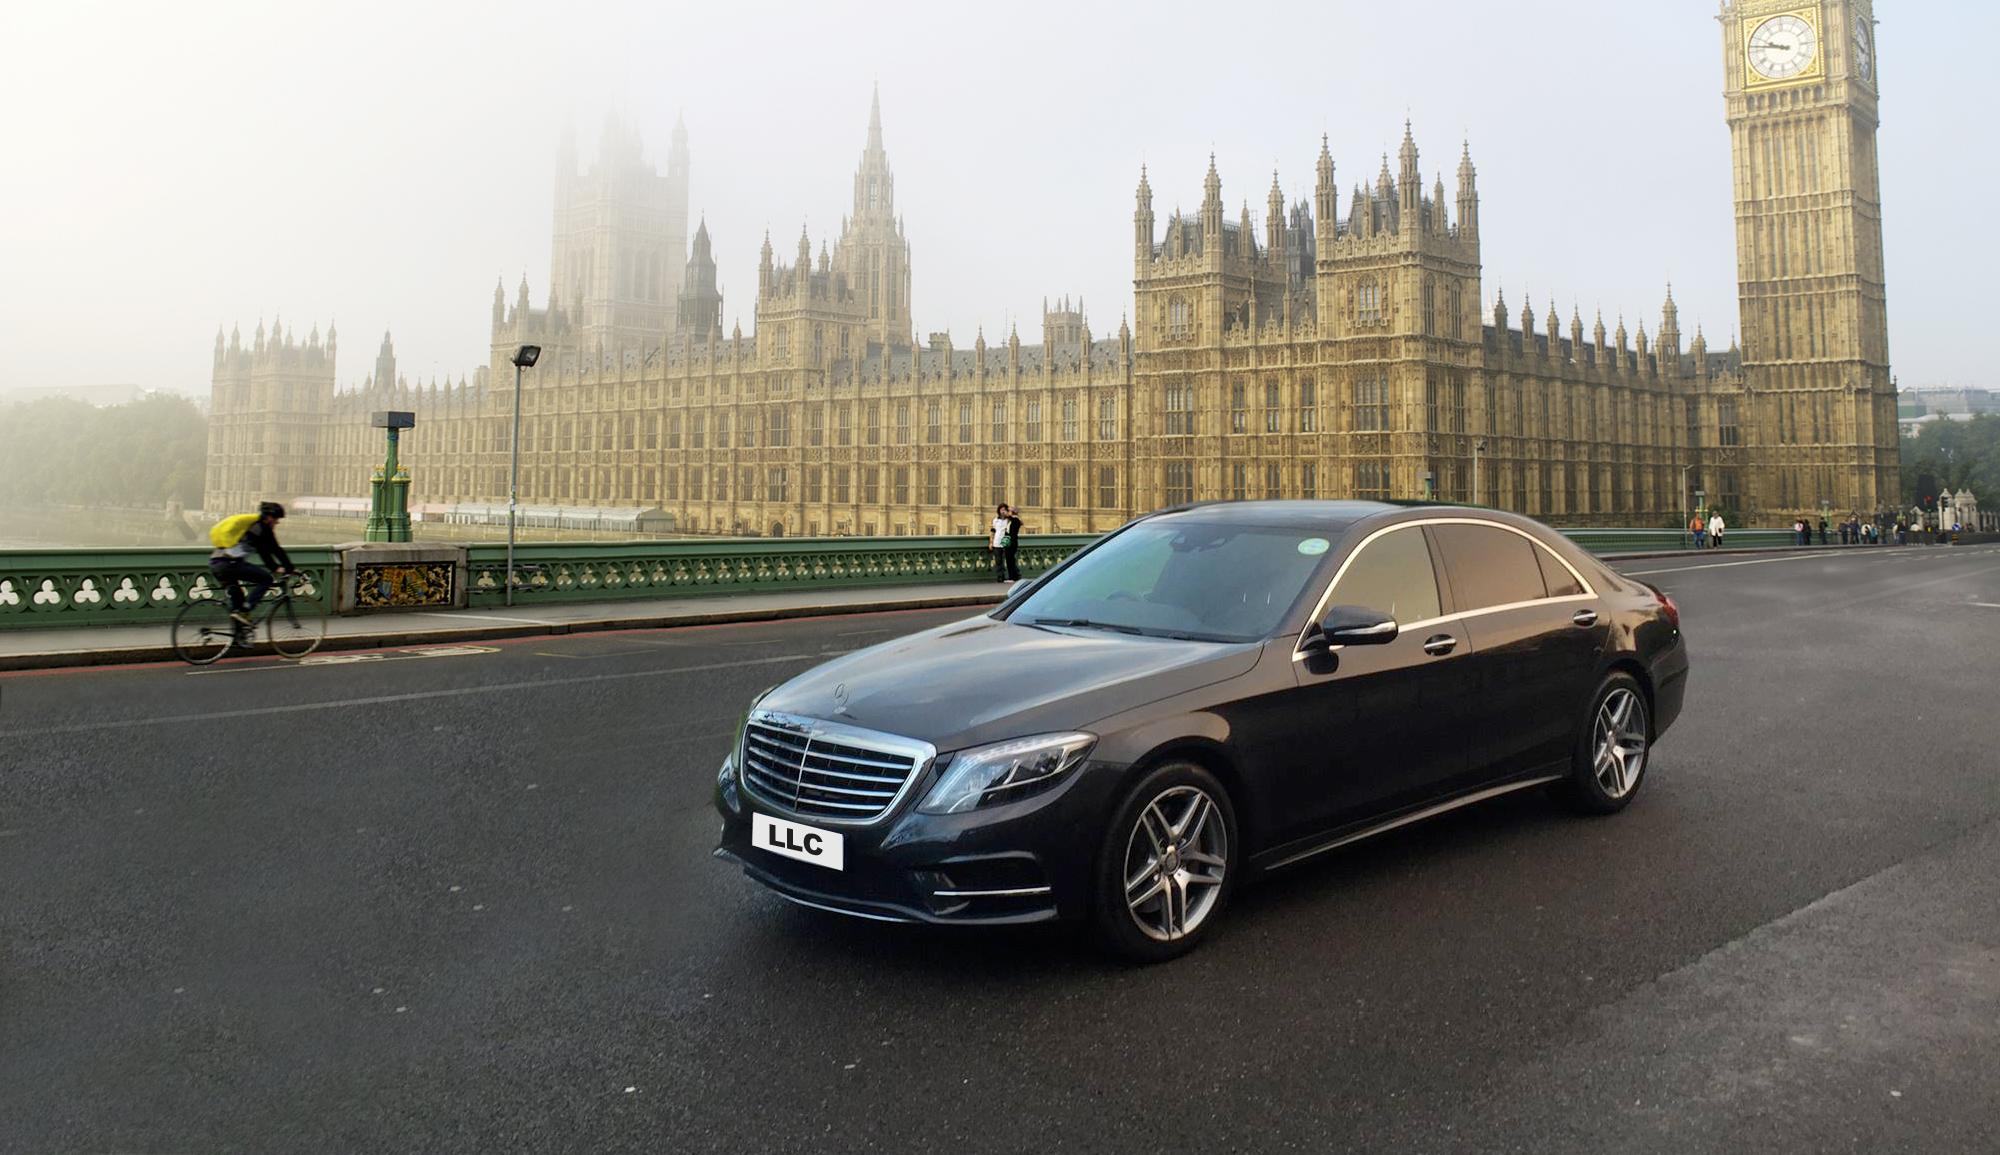 LLC Cars - Luxury Vehicle Hire